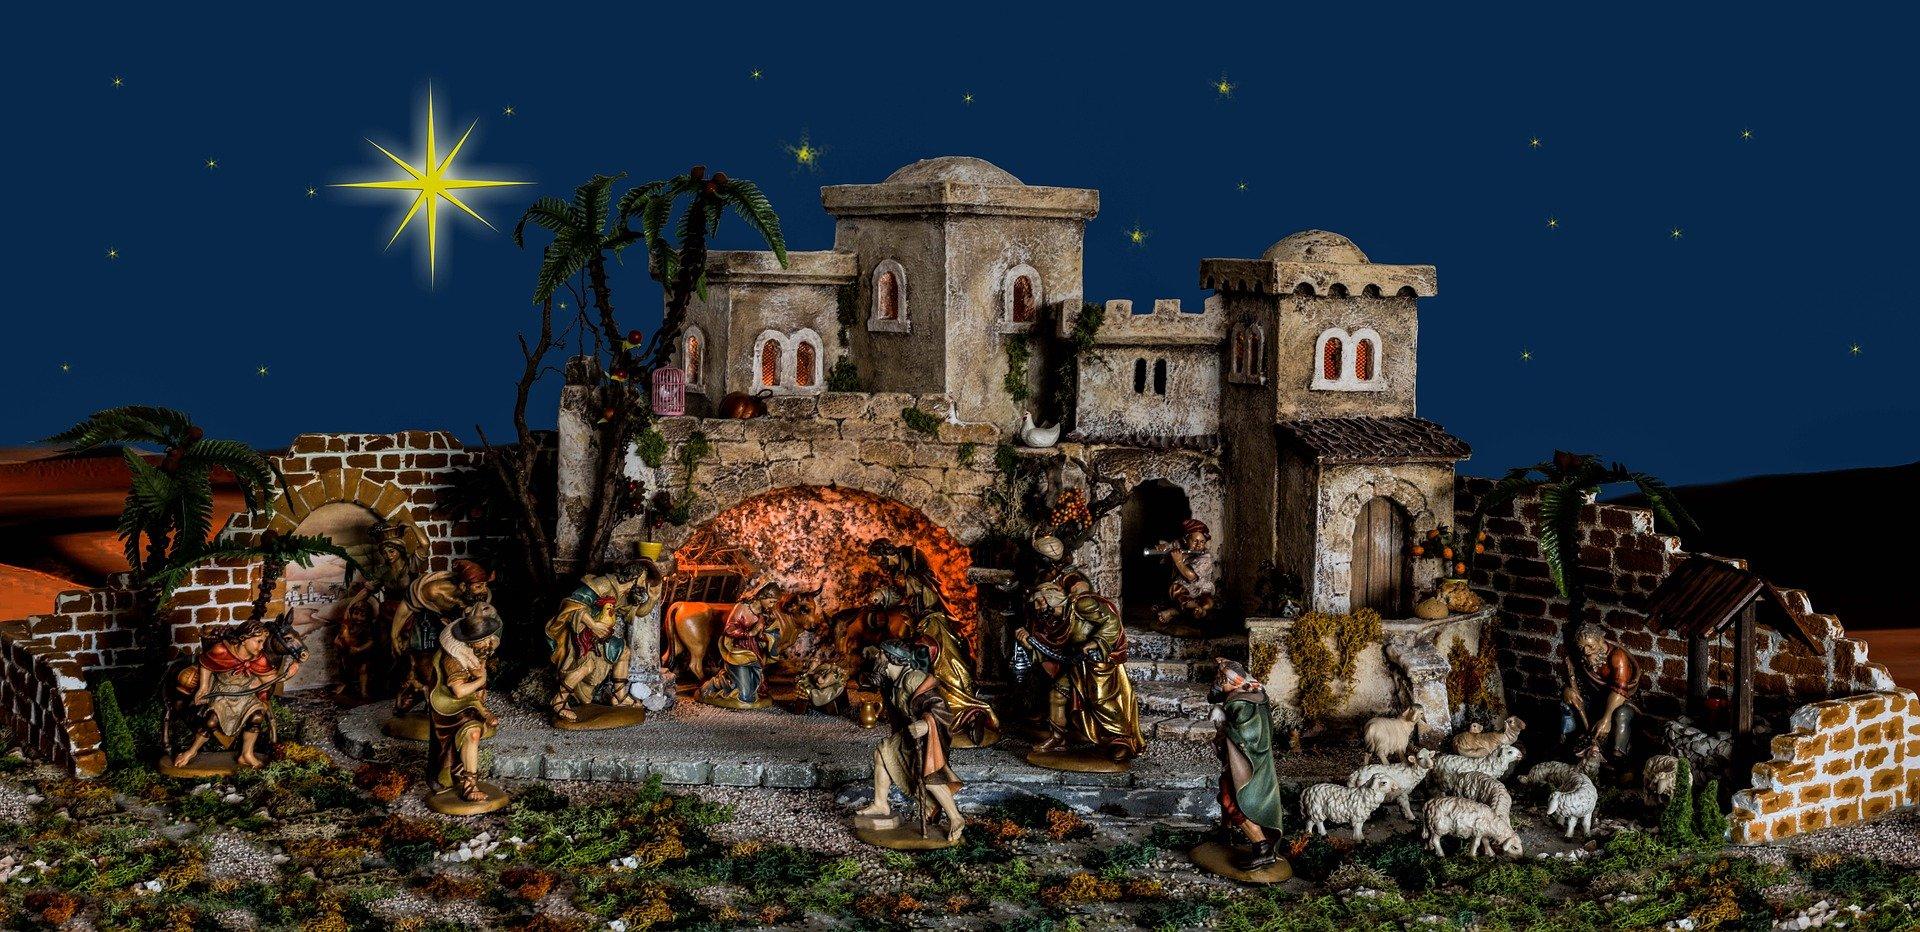 christmas-574275_1920